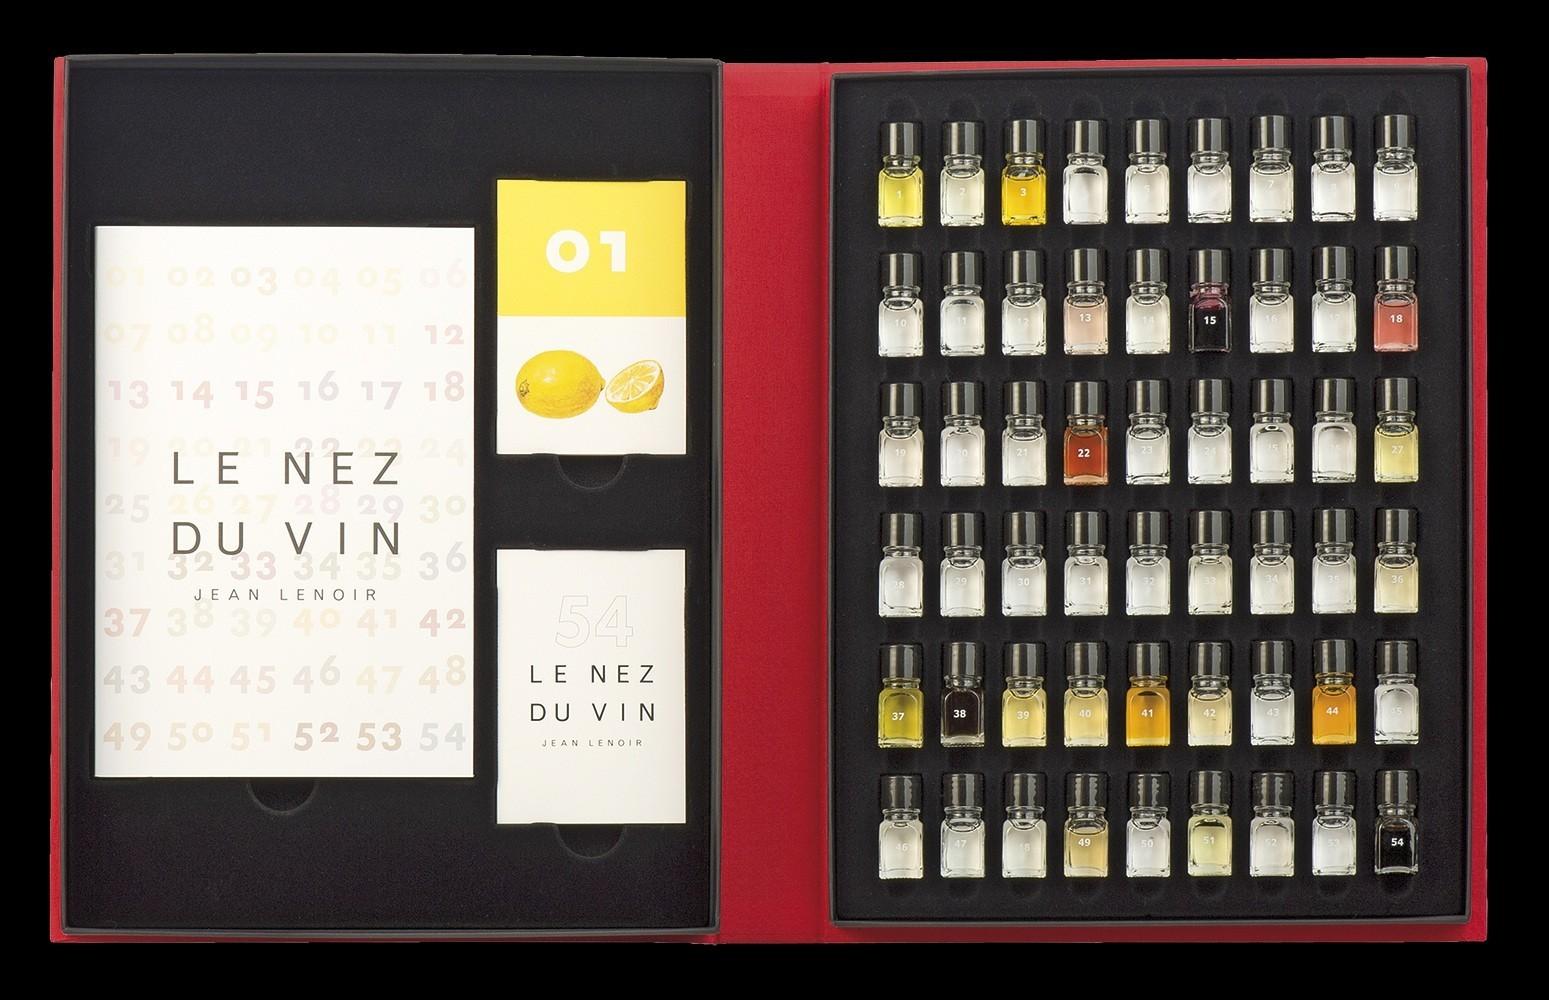 Le nez du vin 54 masterkit aromas vinoteca es wine cooler